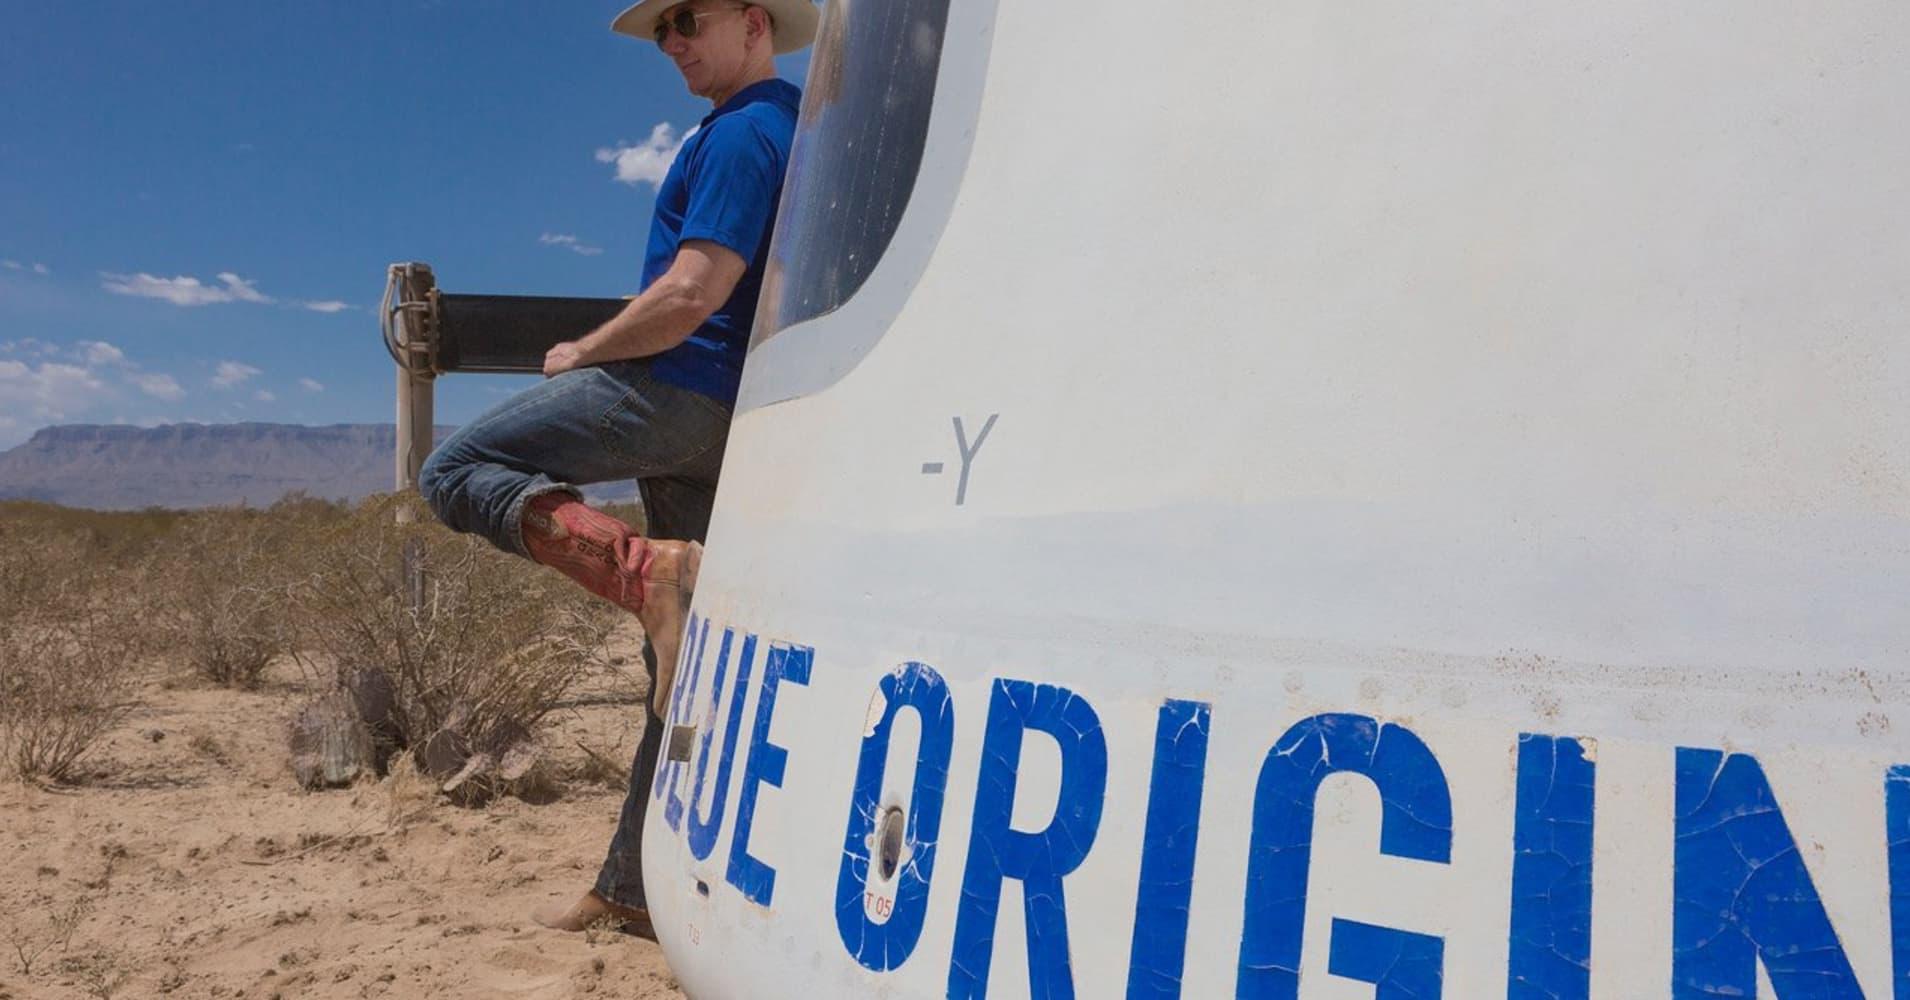 Jeff Bezos Has Blue Origin S Motto On His Lucky Cowboy Boots